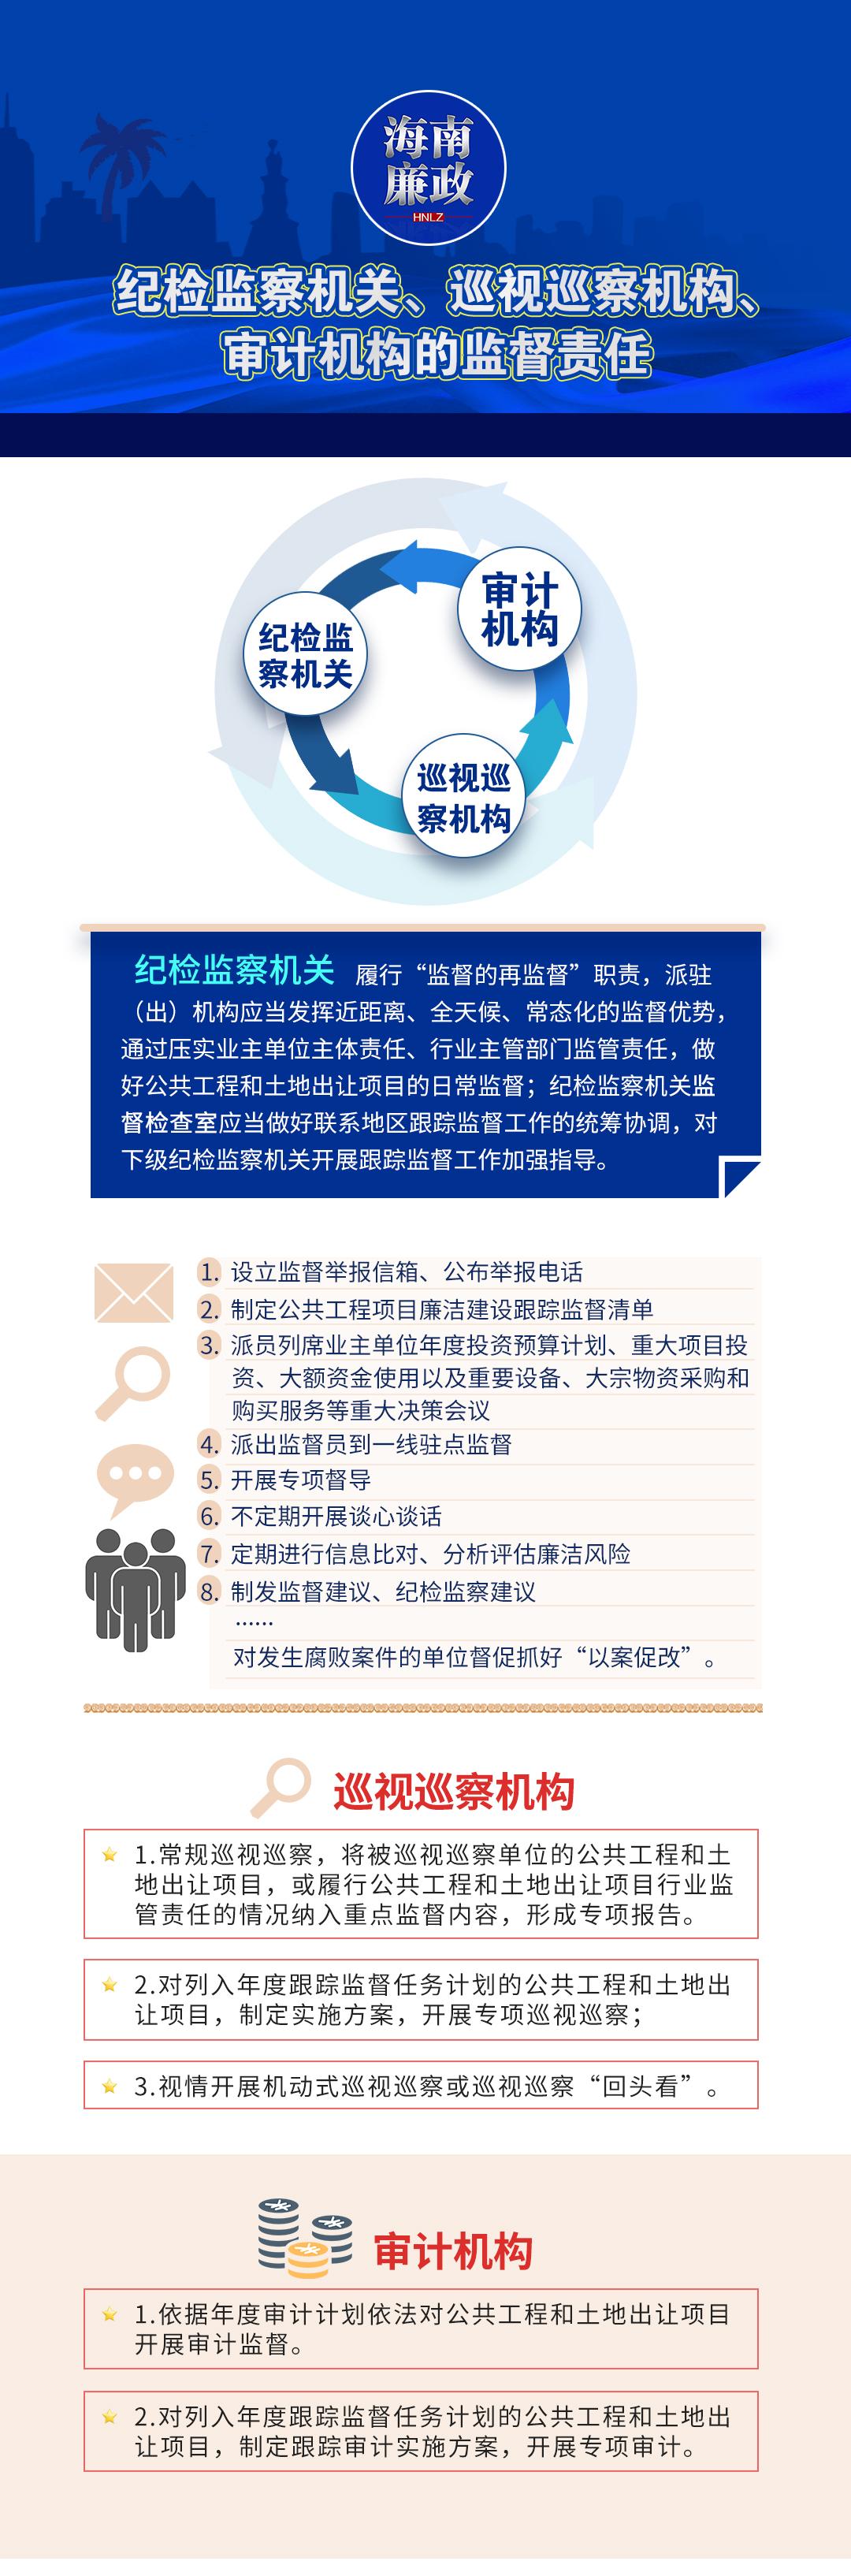 一图读懂 纪检监察机关、巡视巡察机构、审计机构的监督责任有哪些,一起来看→